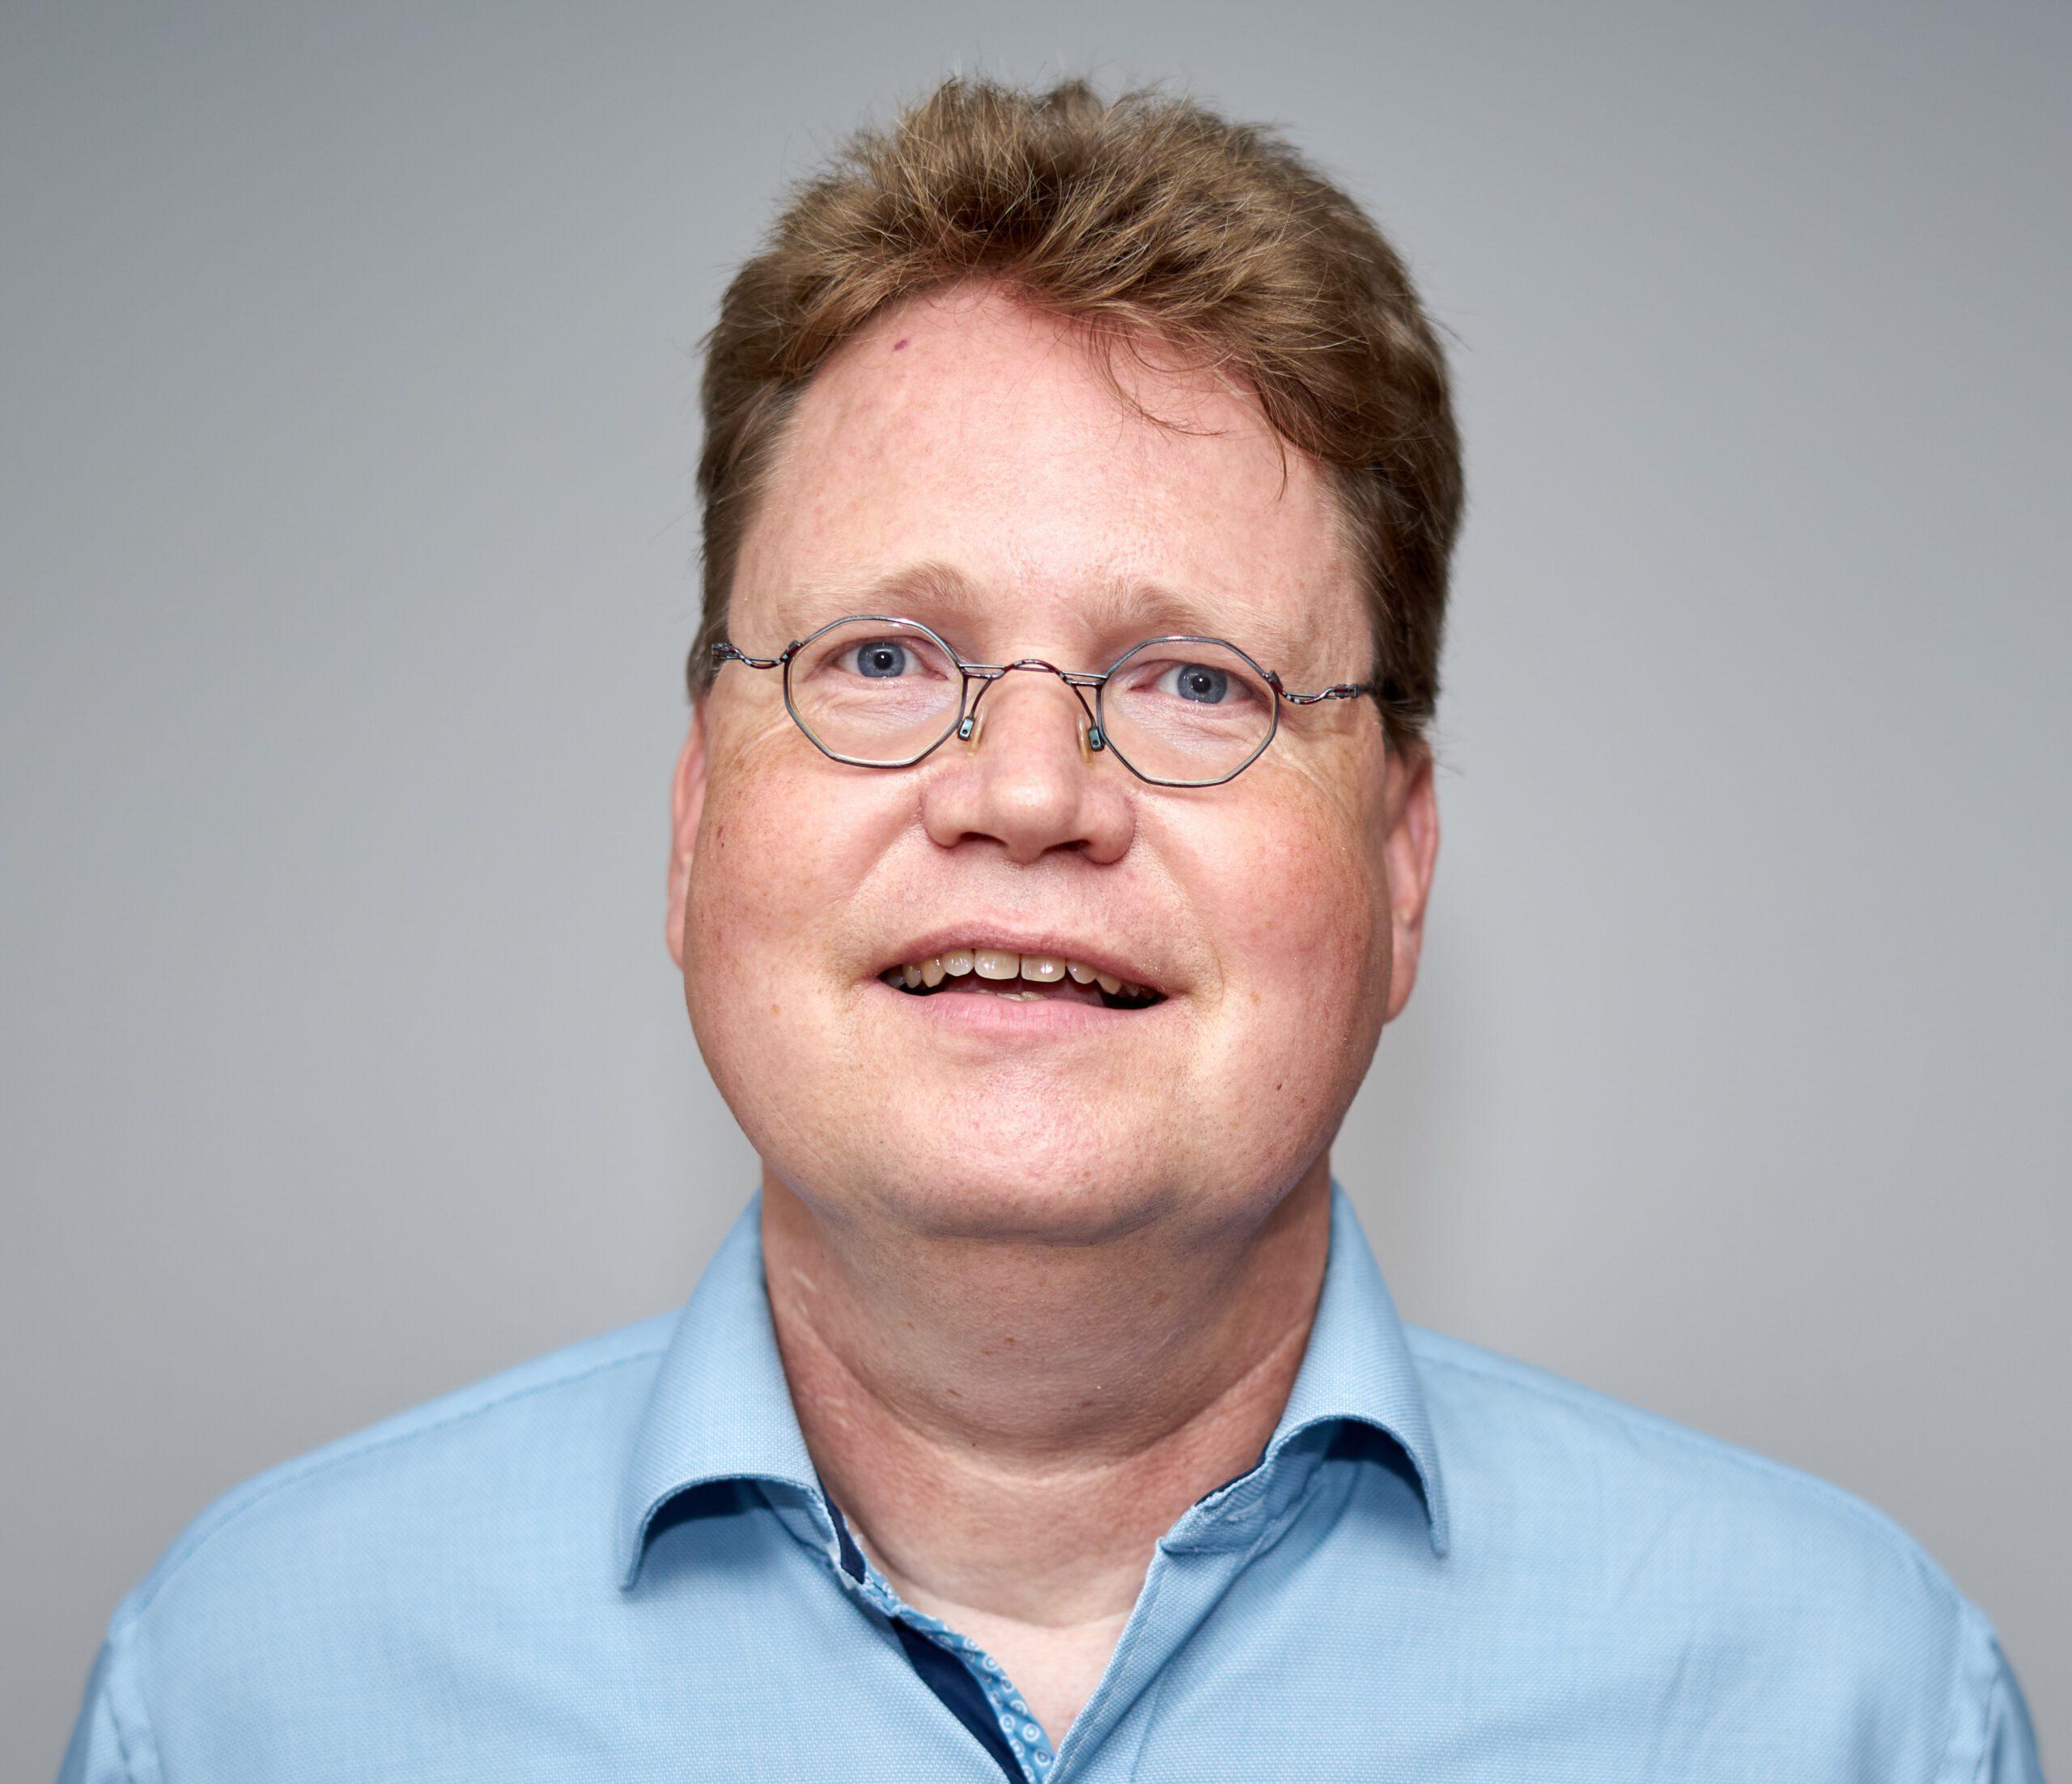 Olaf Mohring